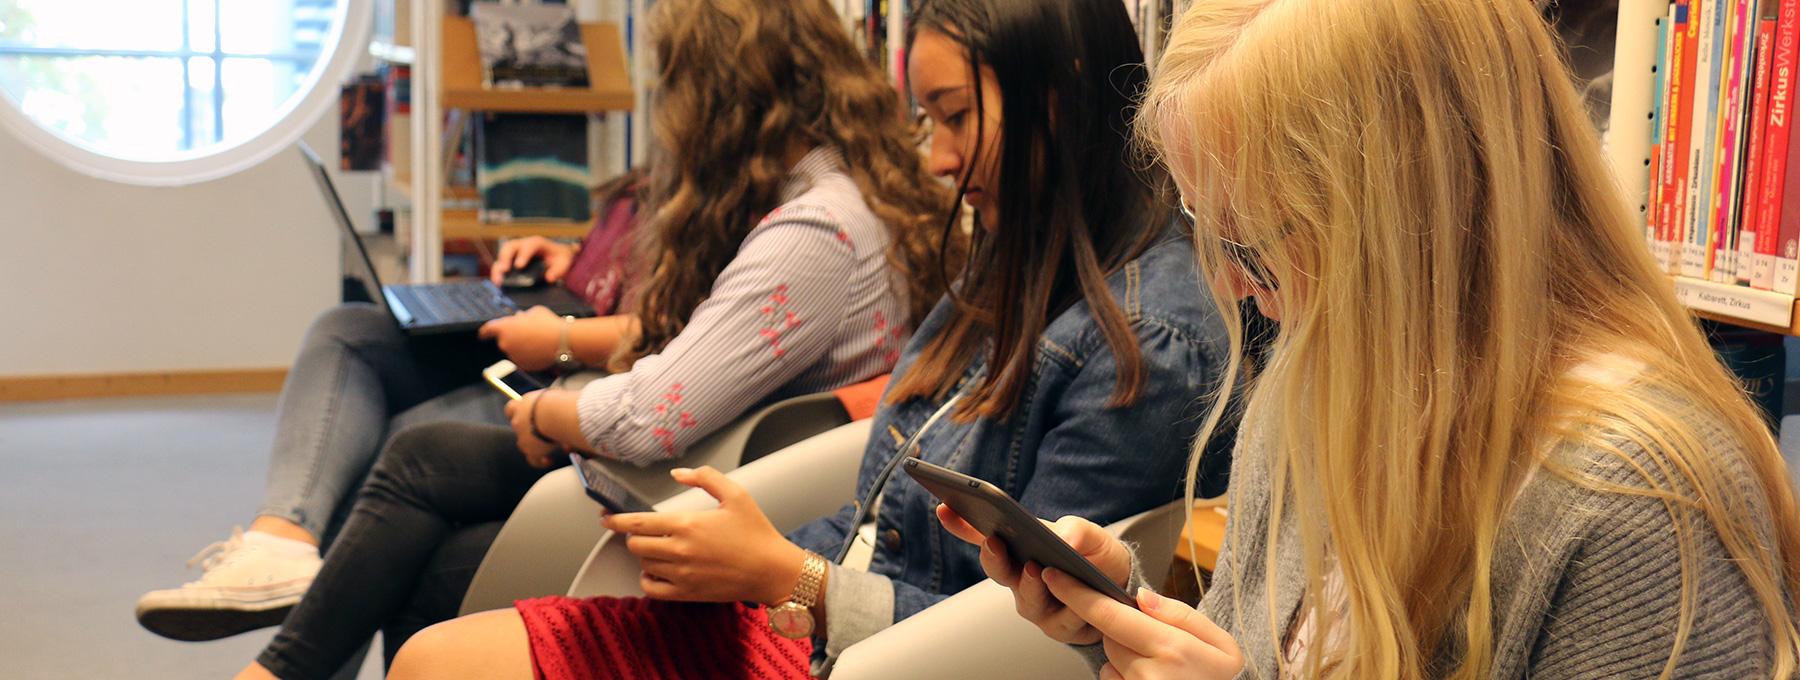 Junge Frauen lesen die Stadtnachrichten auf ihren mobilen Endgeräten